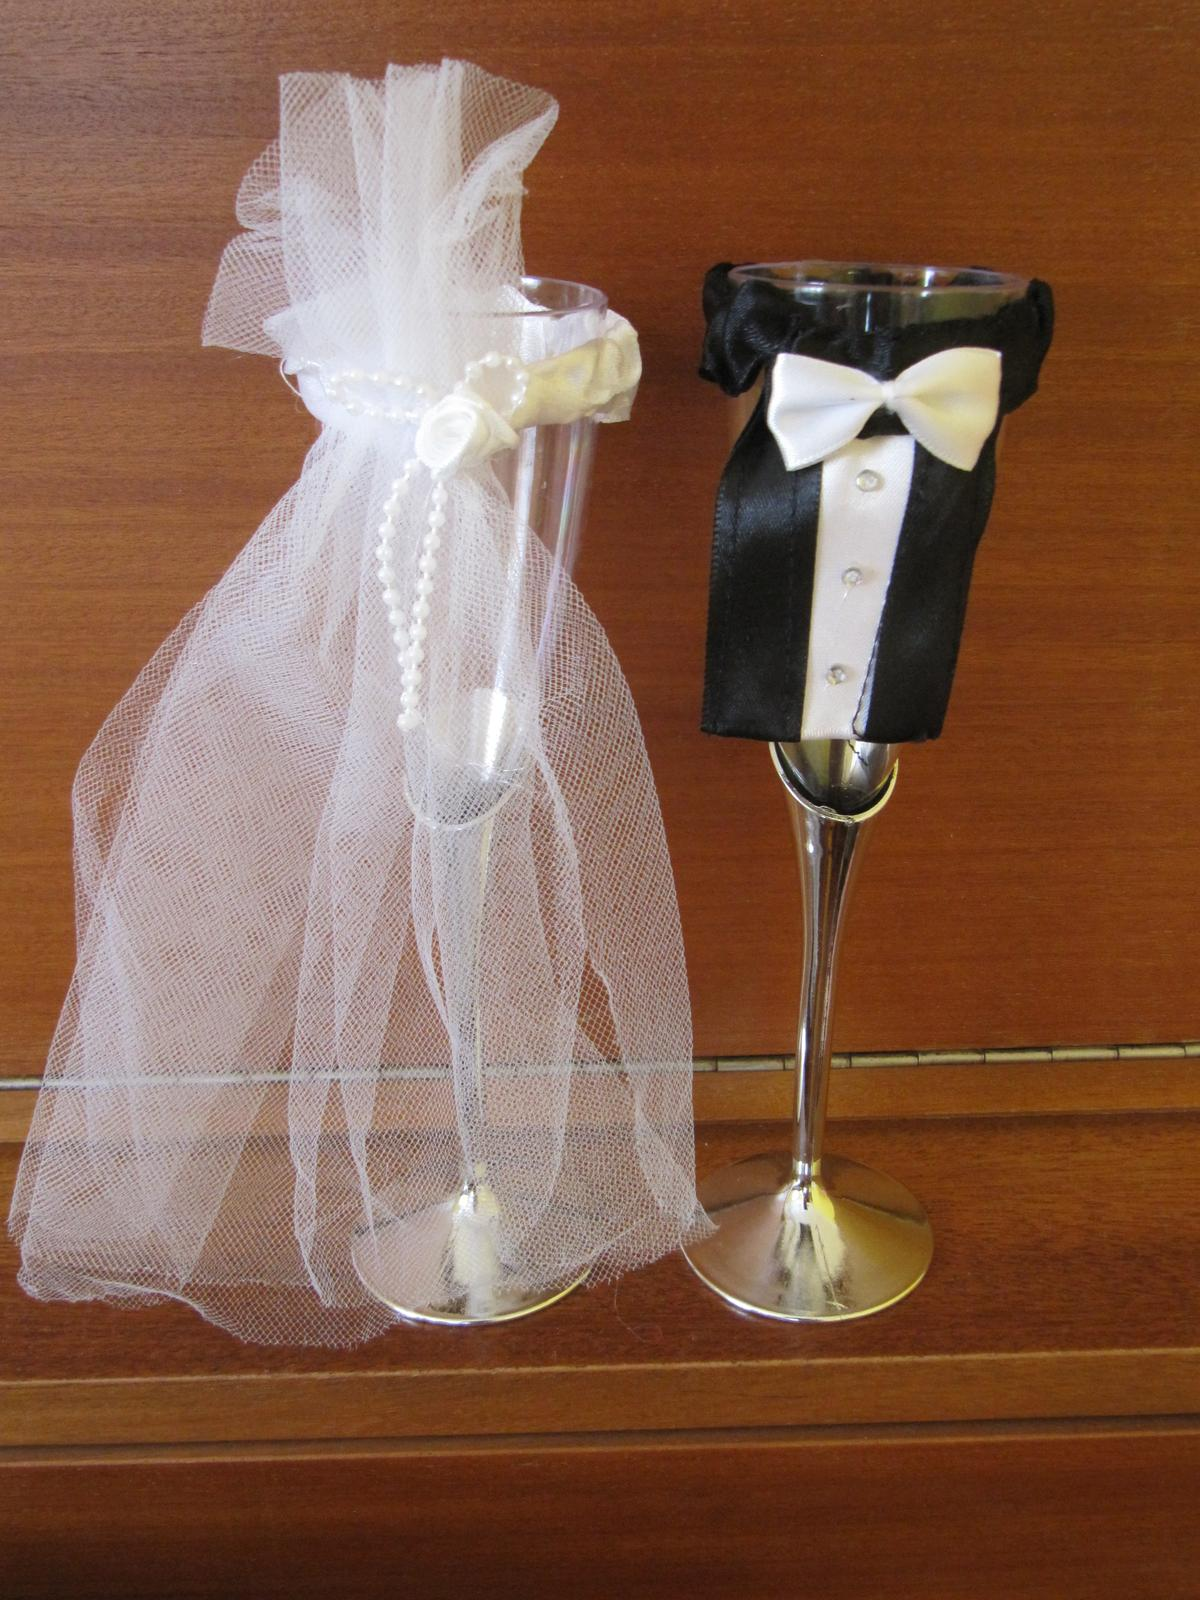 Skleničky pro ženicha a nevěstu - Obrázek č. 1